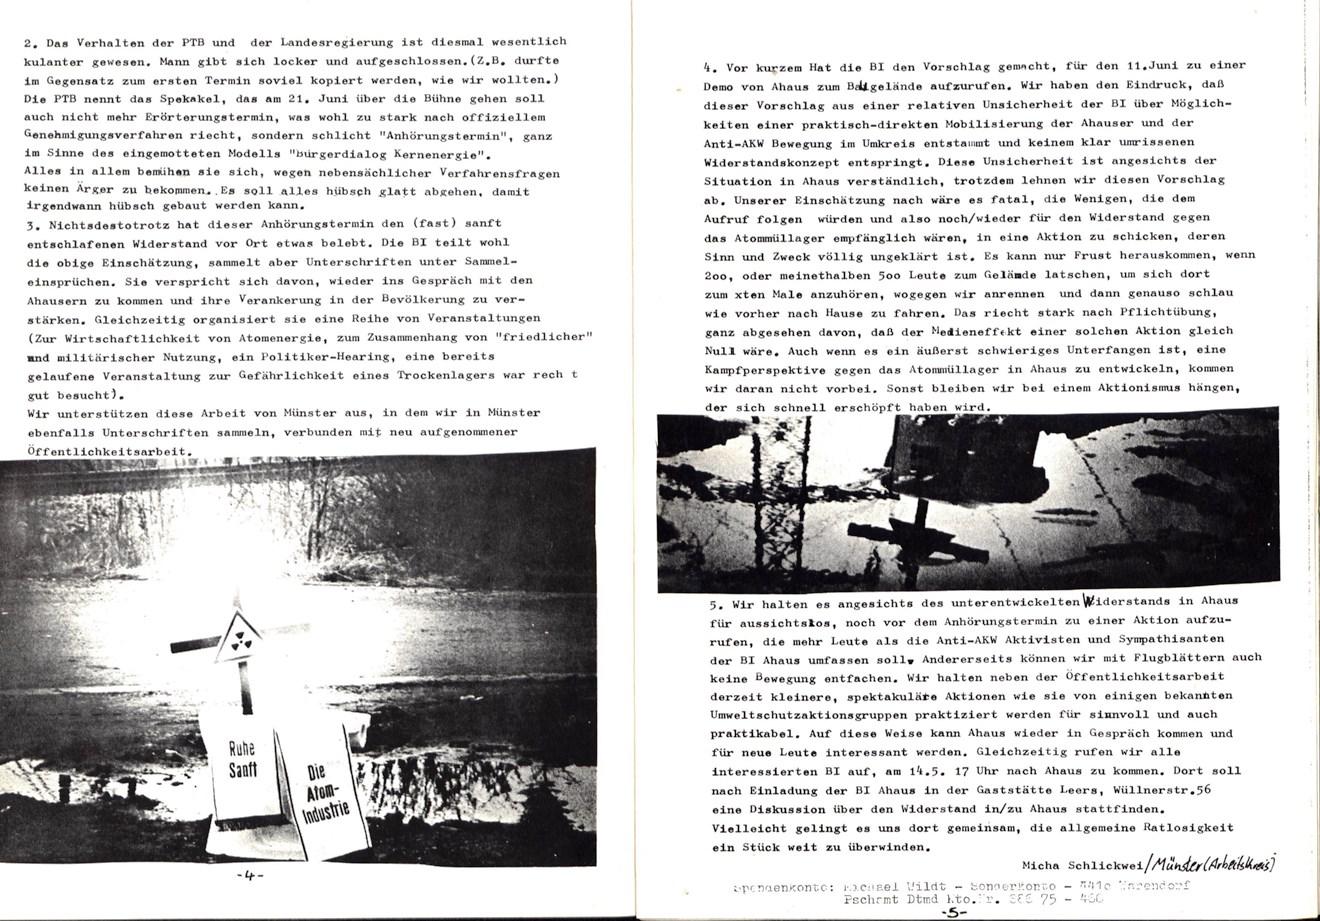 NRW_AKW_LKNRW_19830517_43_04